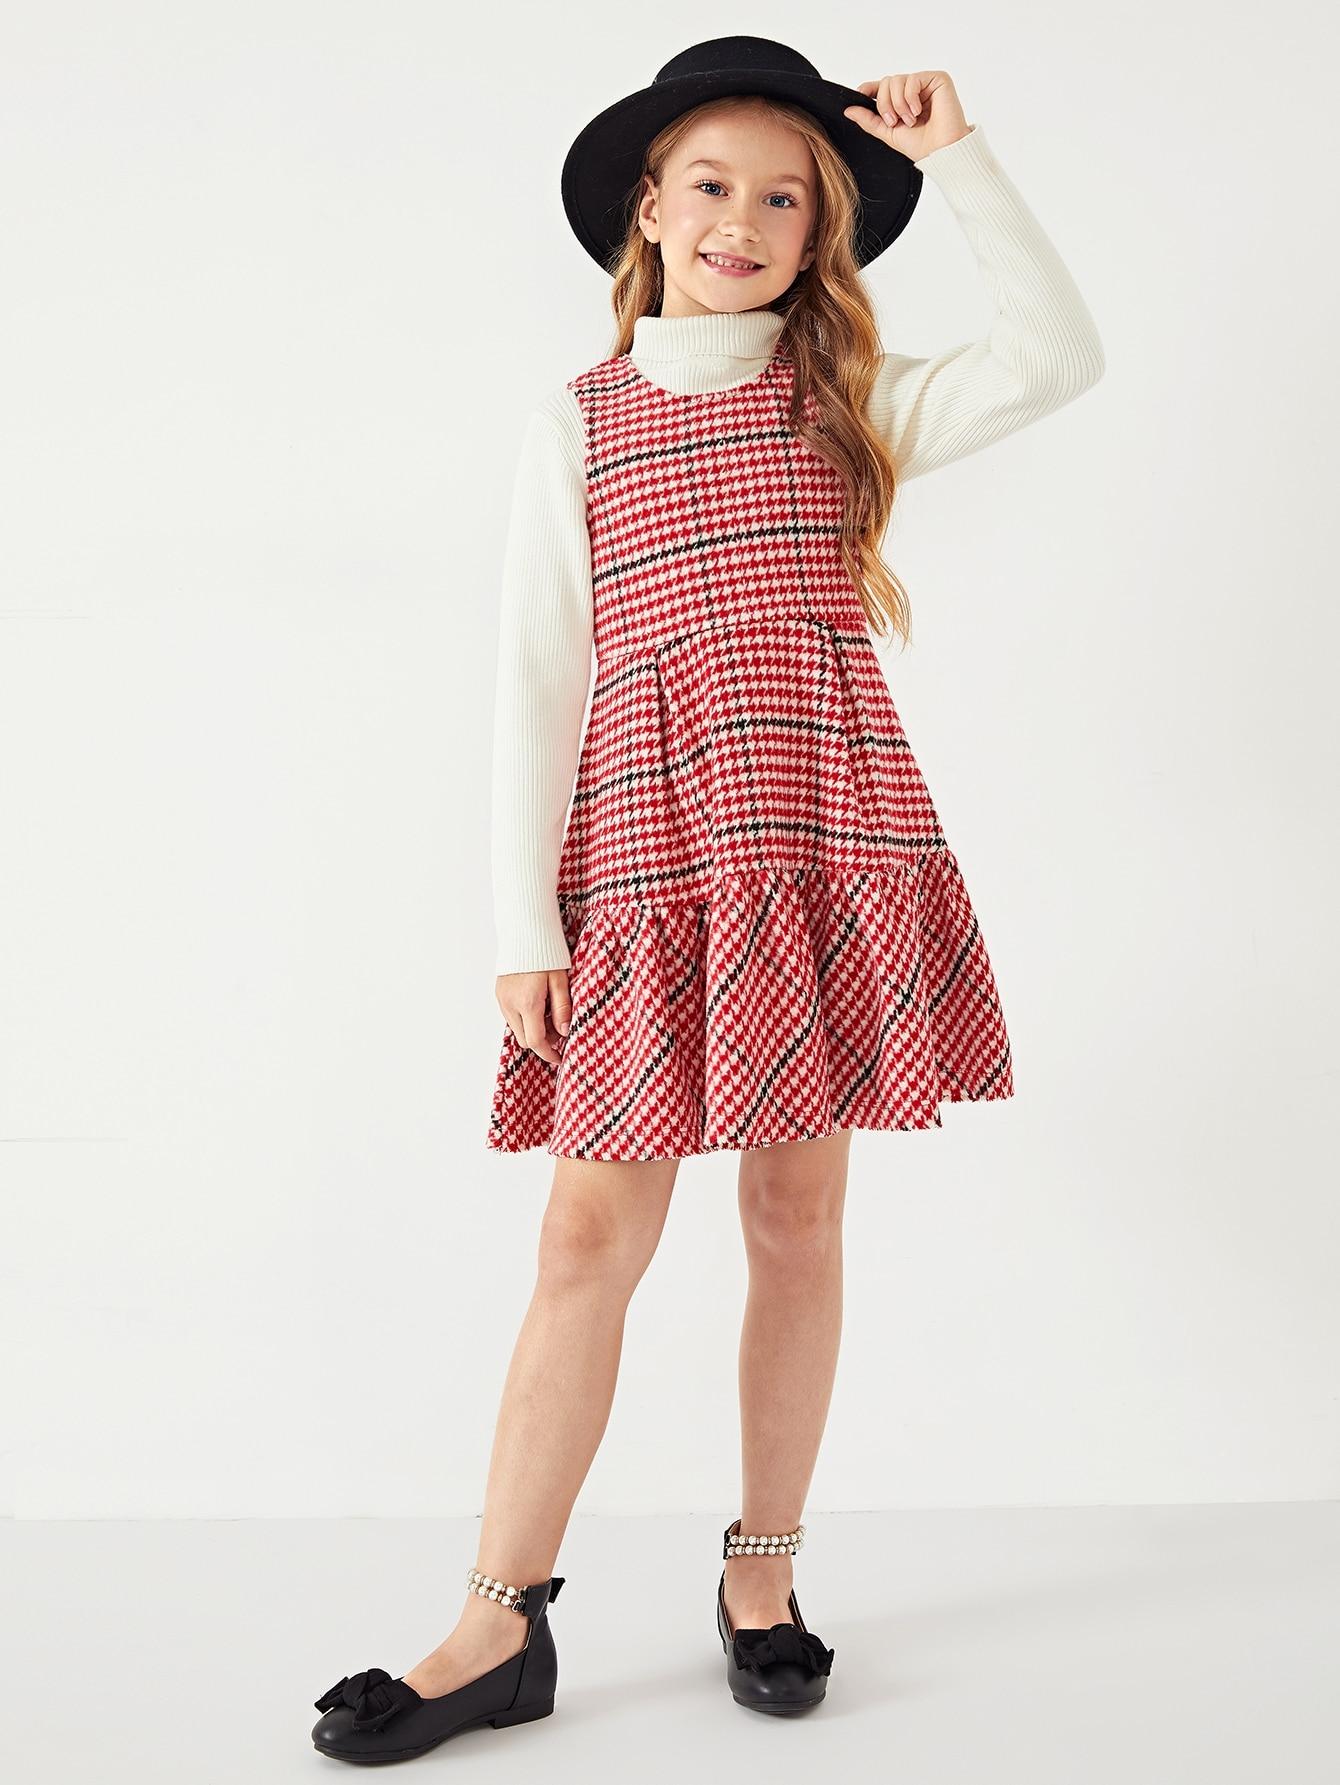 Купить Для девочек платье в клетку на молнии сзади с оборками, Masha. P, SheIn